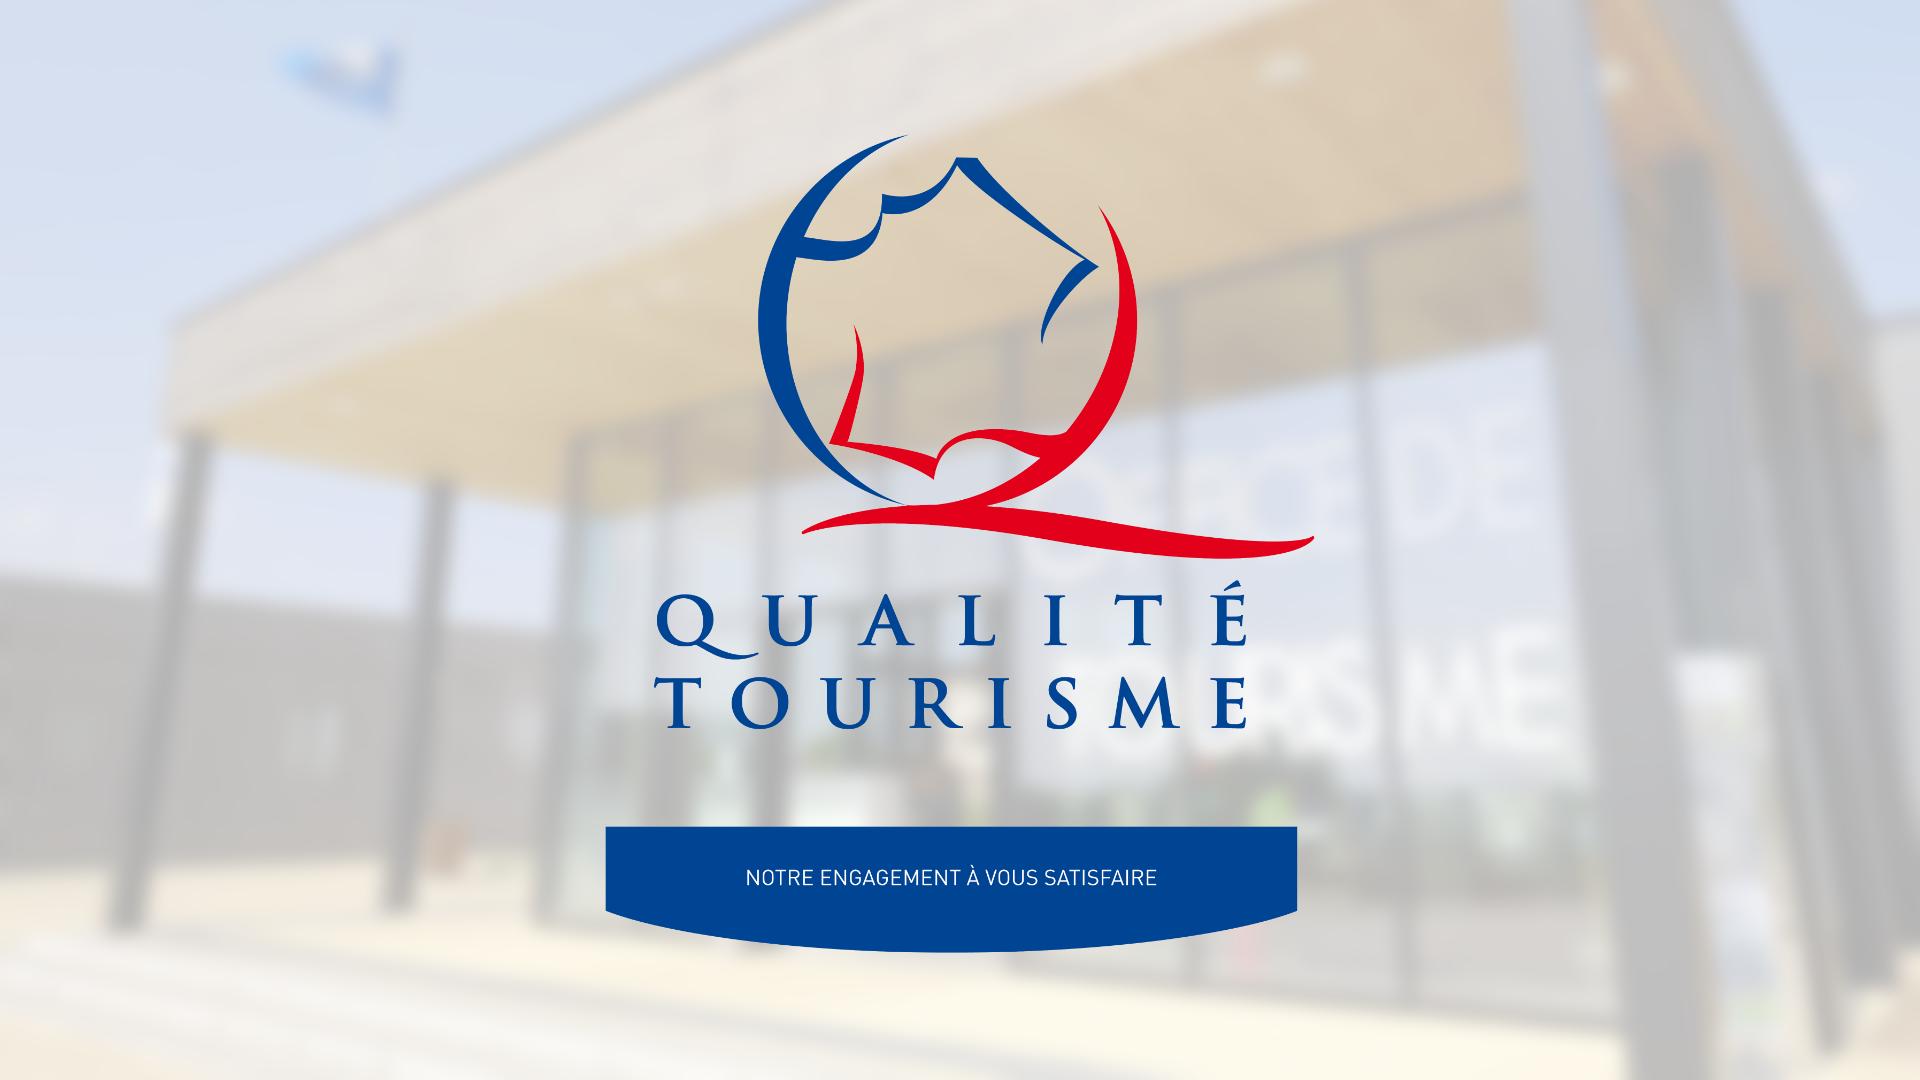 Qualité Tourisme - Office de Tourisme du Lac du Der